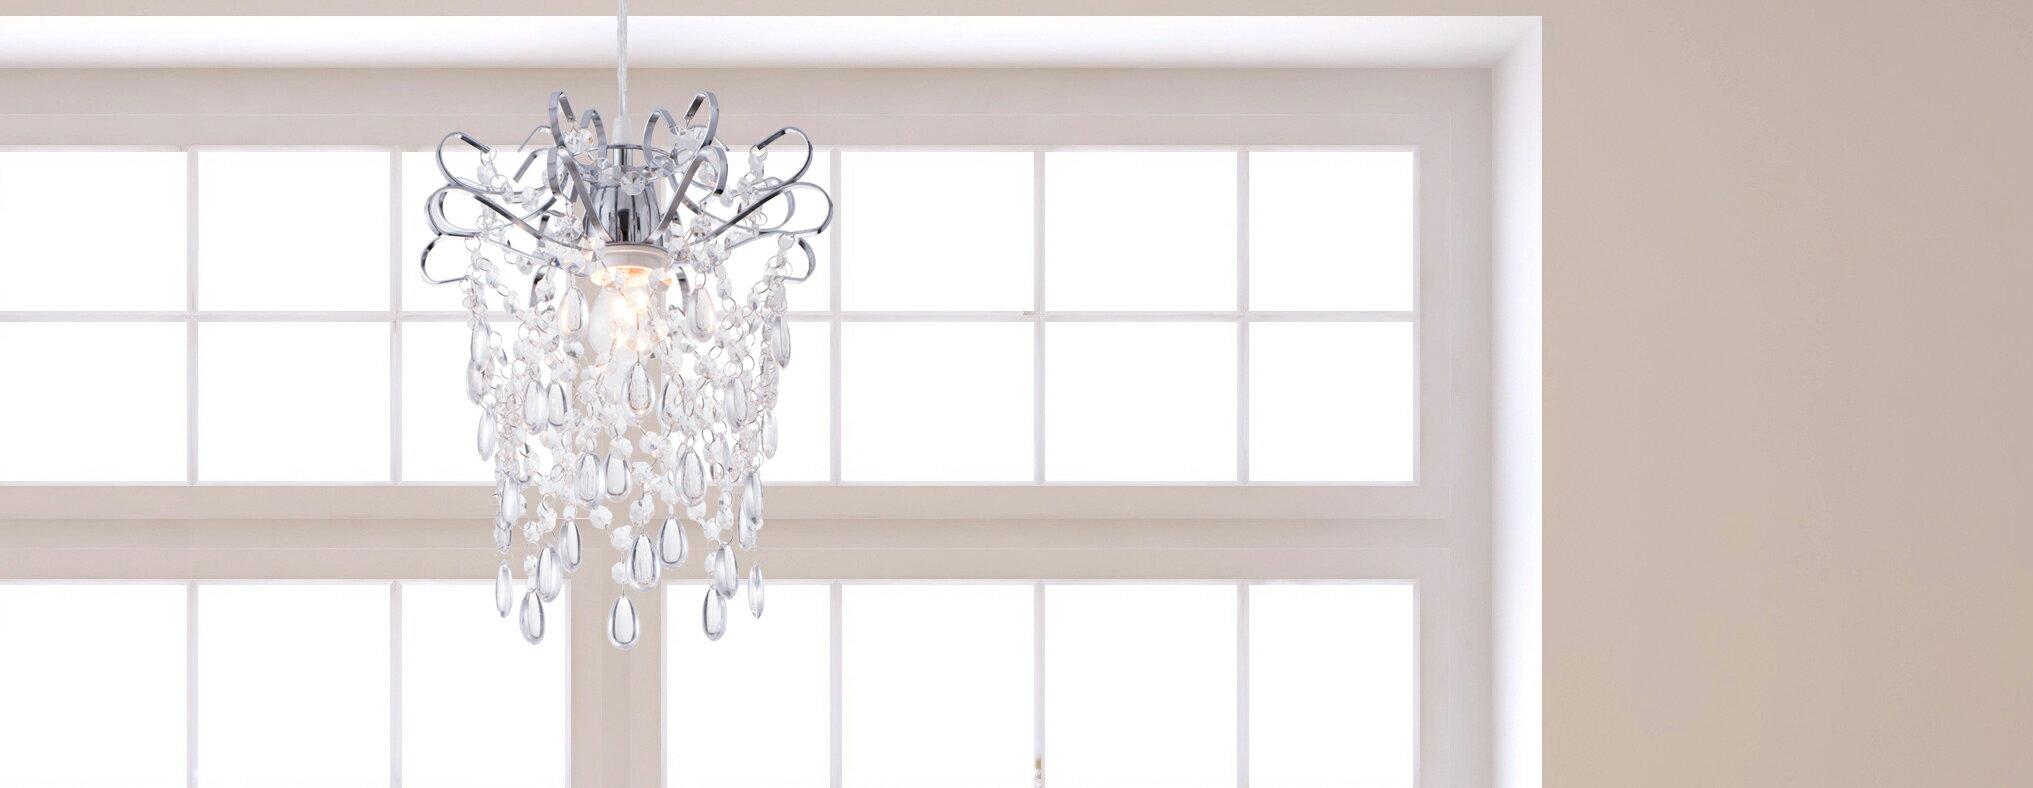 鍍鉻扁鐵框透明壓克力珠吊燈-BNL00048 6